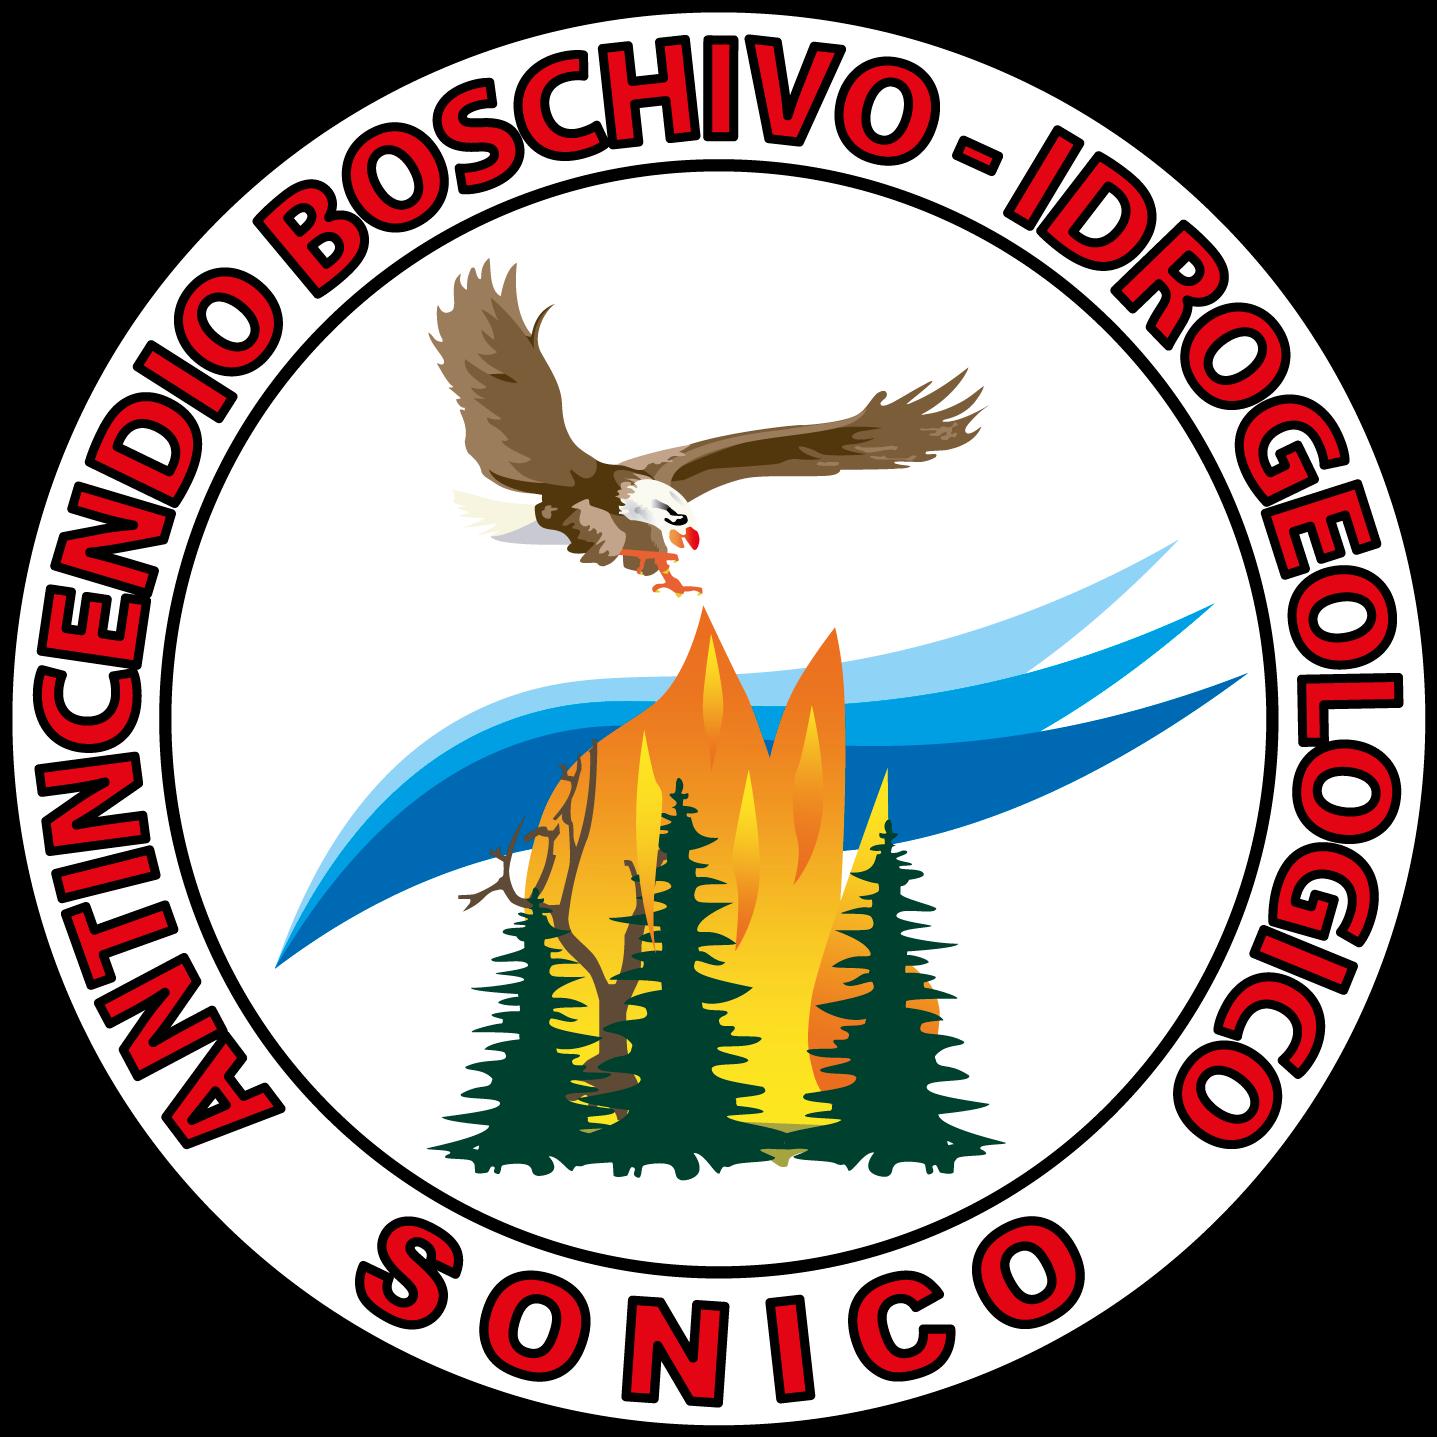 Protezione Civile di Sonico (BS)